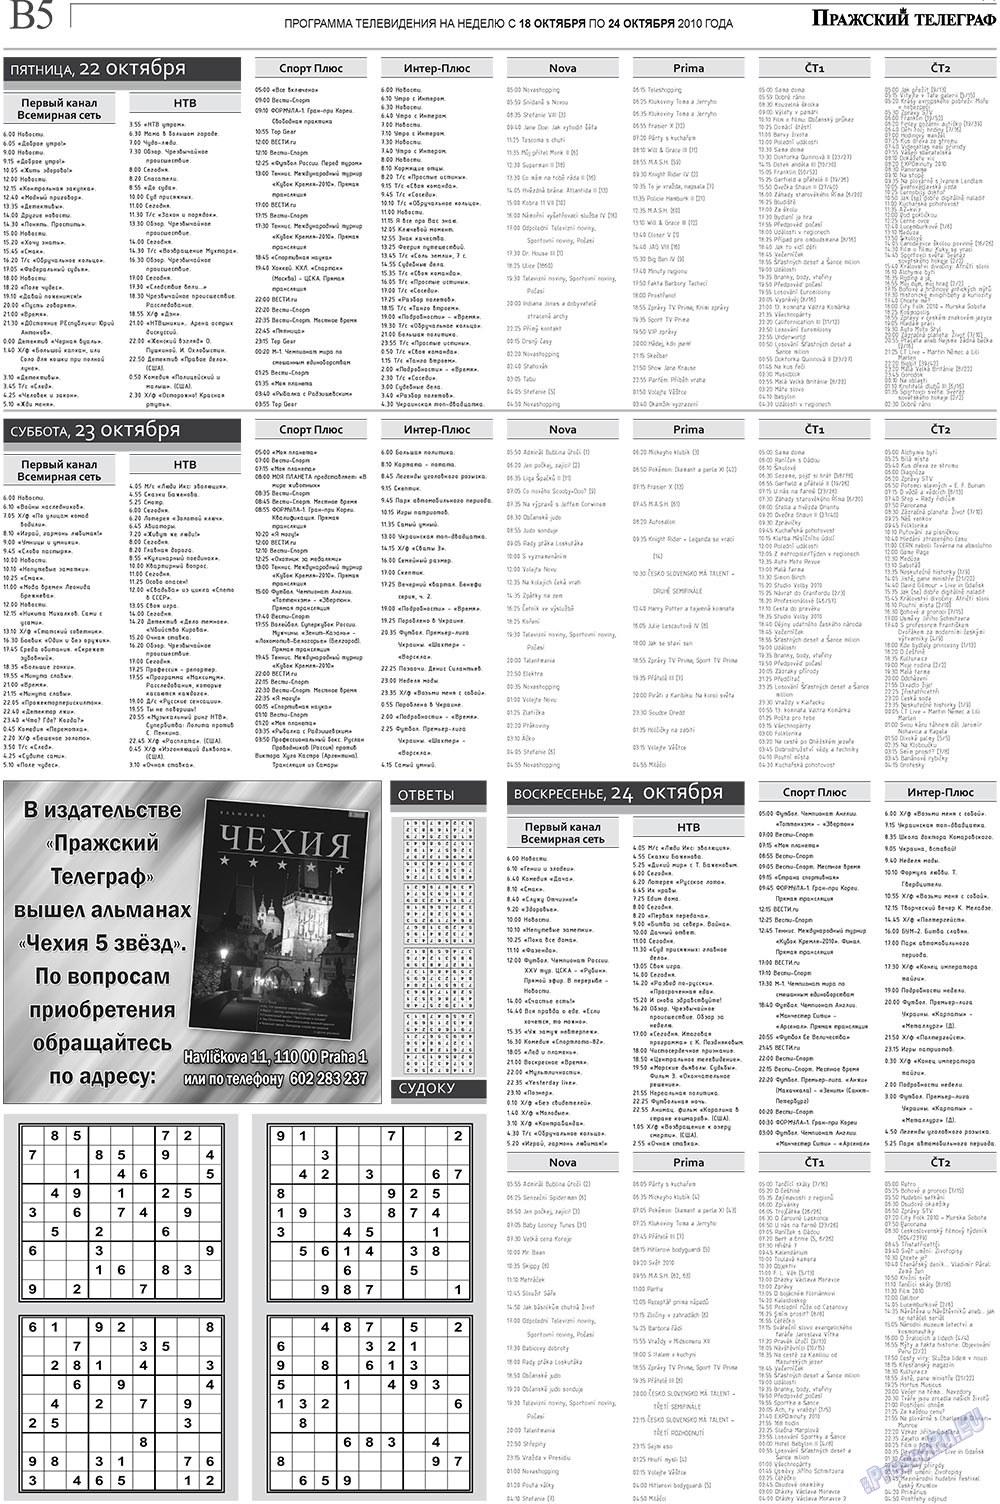 Пражский телеграф (газета). 2010 год, номер 41, стр. 13